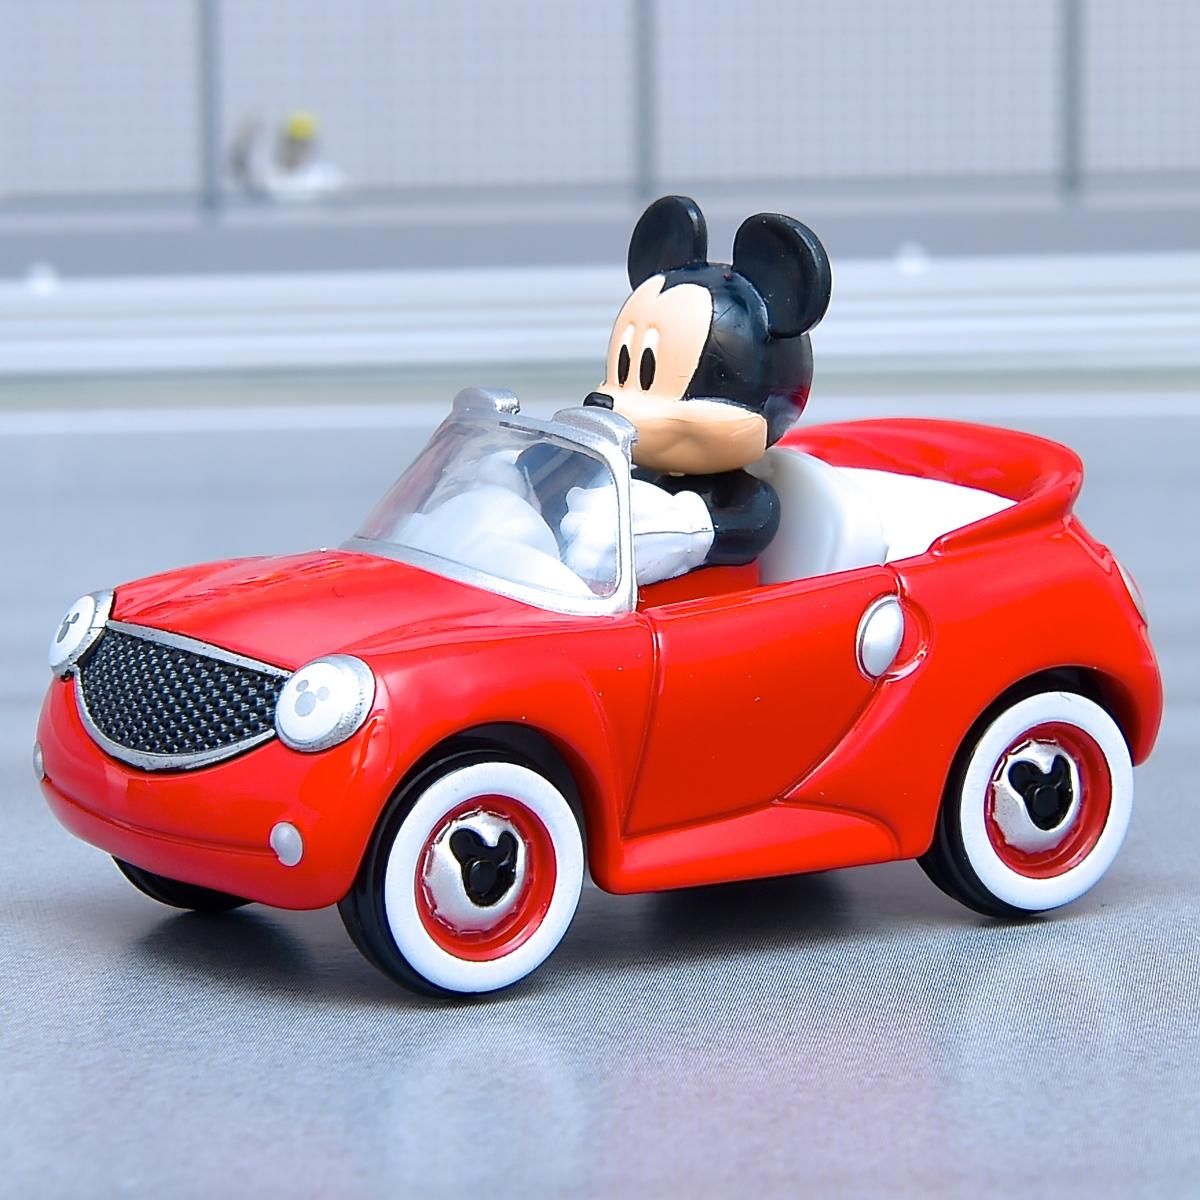 MRR-07 ホット・カブリオ ミッキーマウス